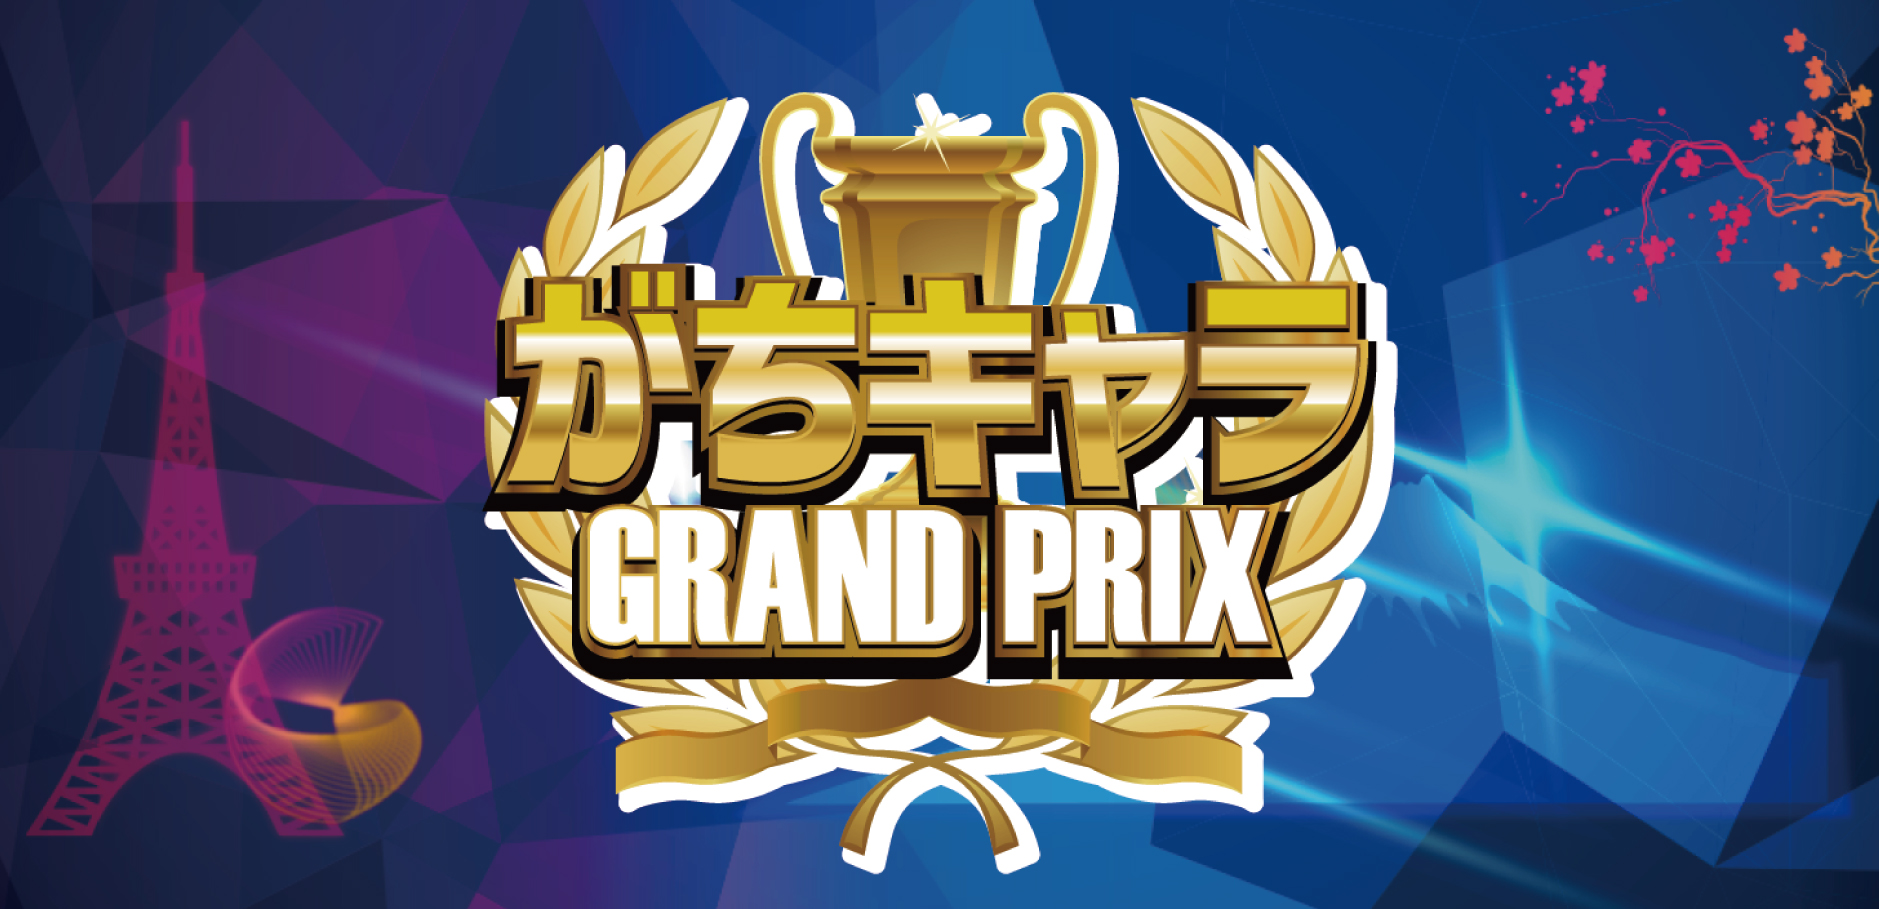 がちキャラ GRAND PRIX